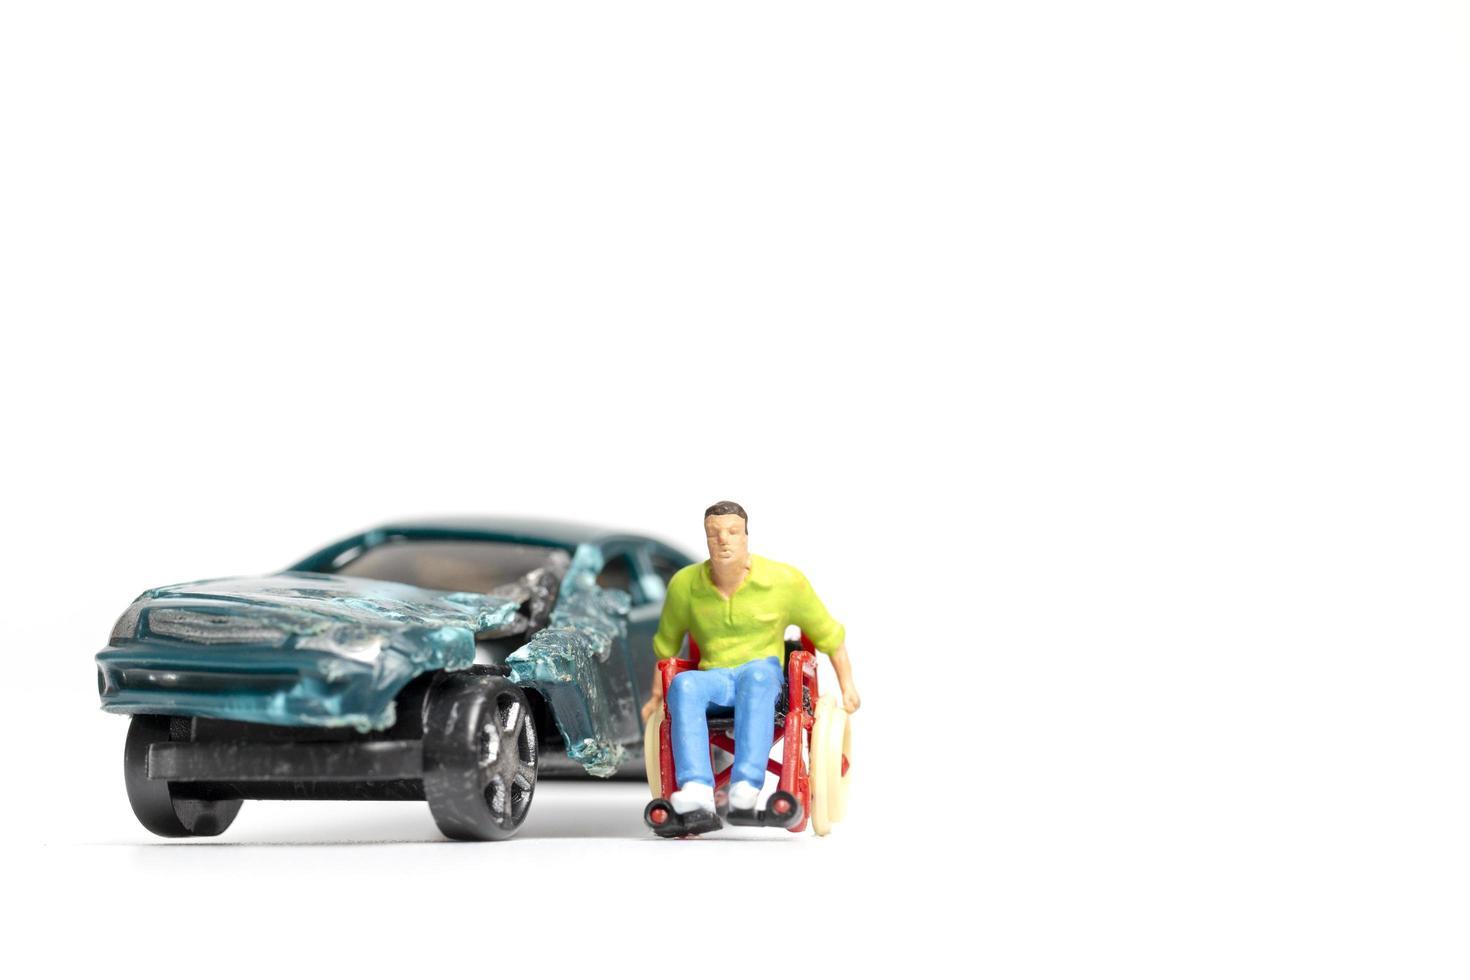 miniatuur man in een rolstoel bij een autowrak op een witte achtergrond foto